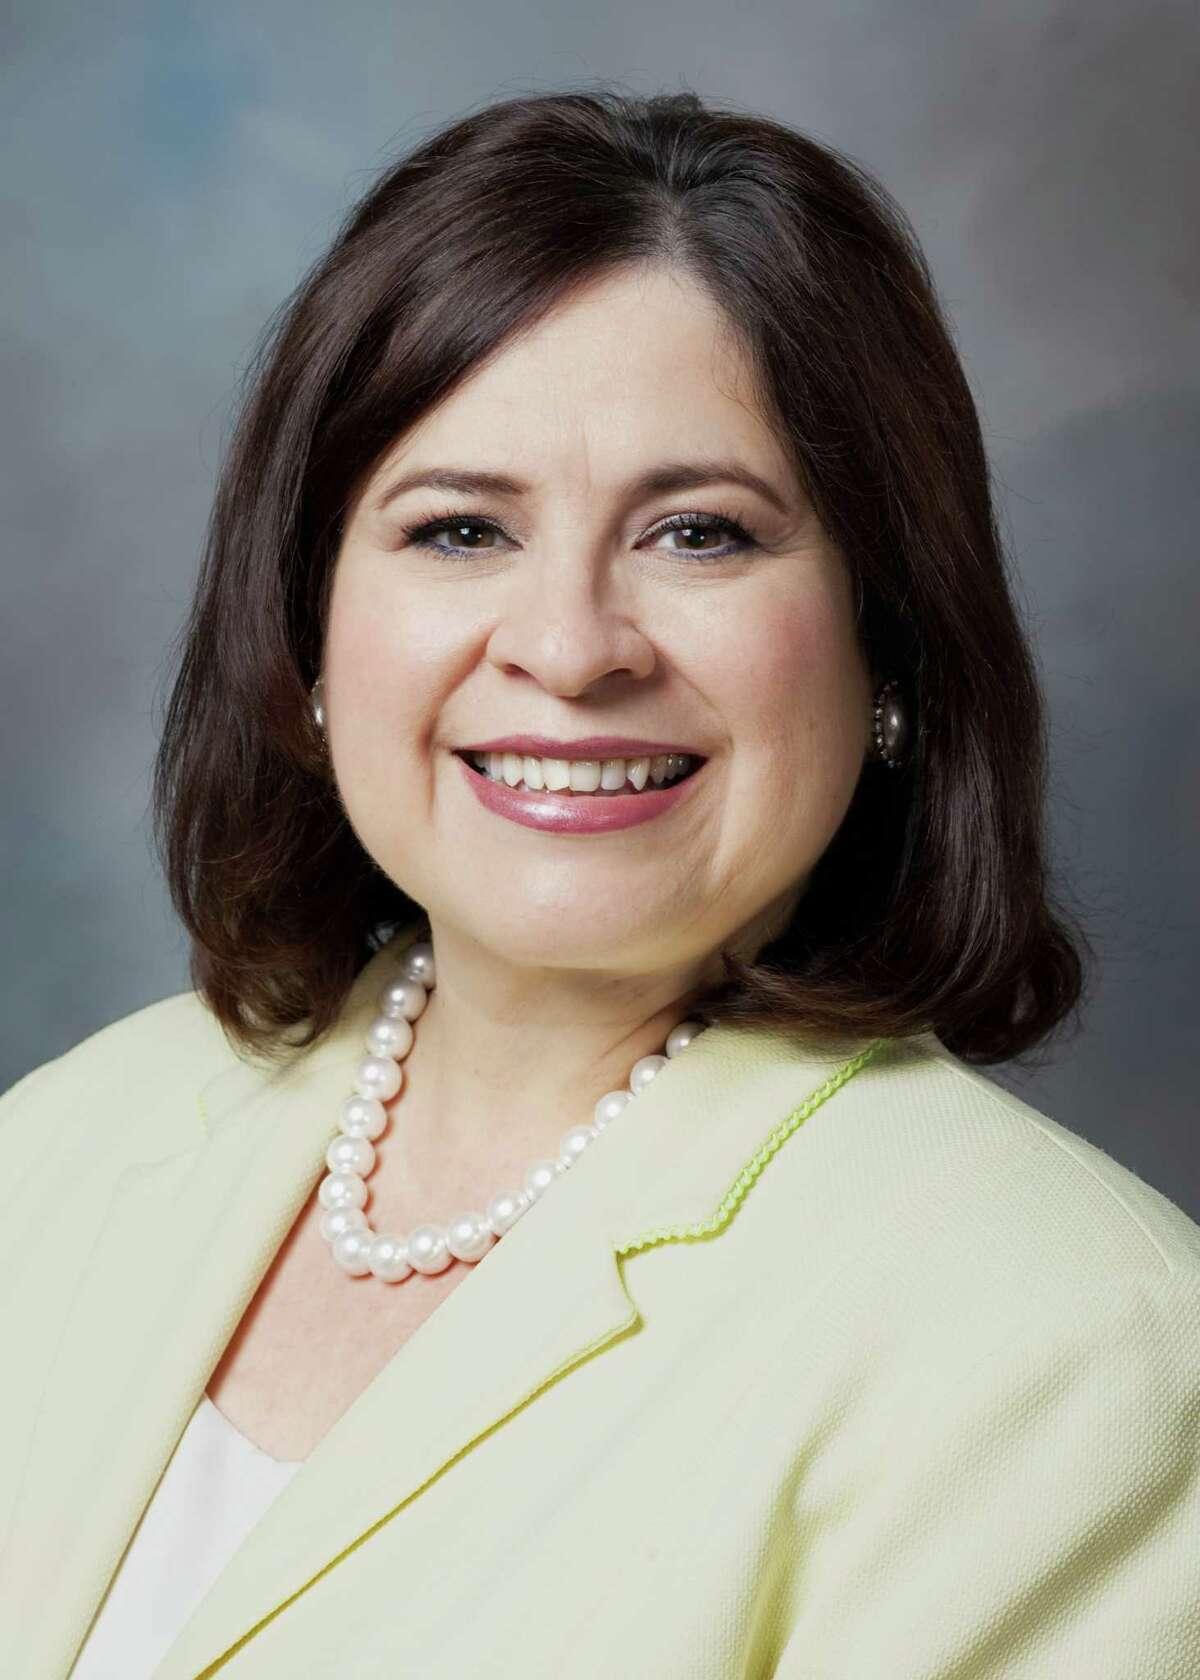 Sen. Leticia Van de Putte, a Democrat, represents District 26, which includes parts of San Antonio and Bexar County.